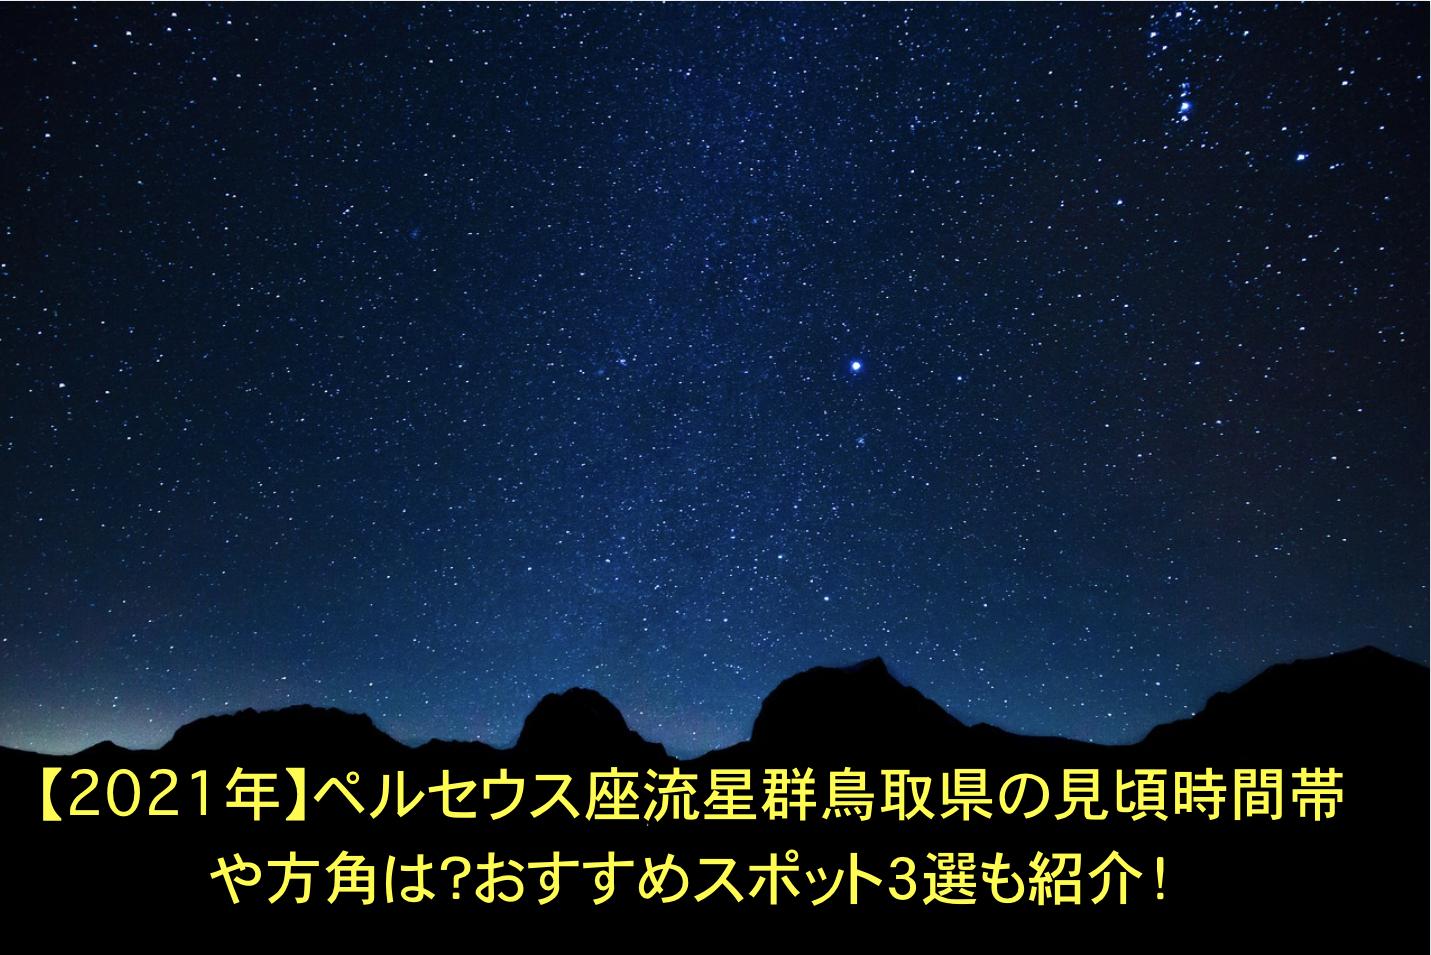 ペルセウス座流星群 鳥取 見頃時間帯 方角 おすすめスポット